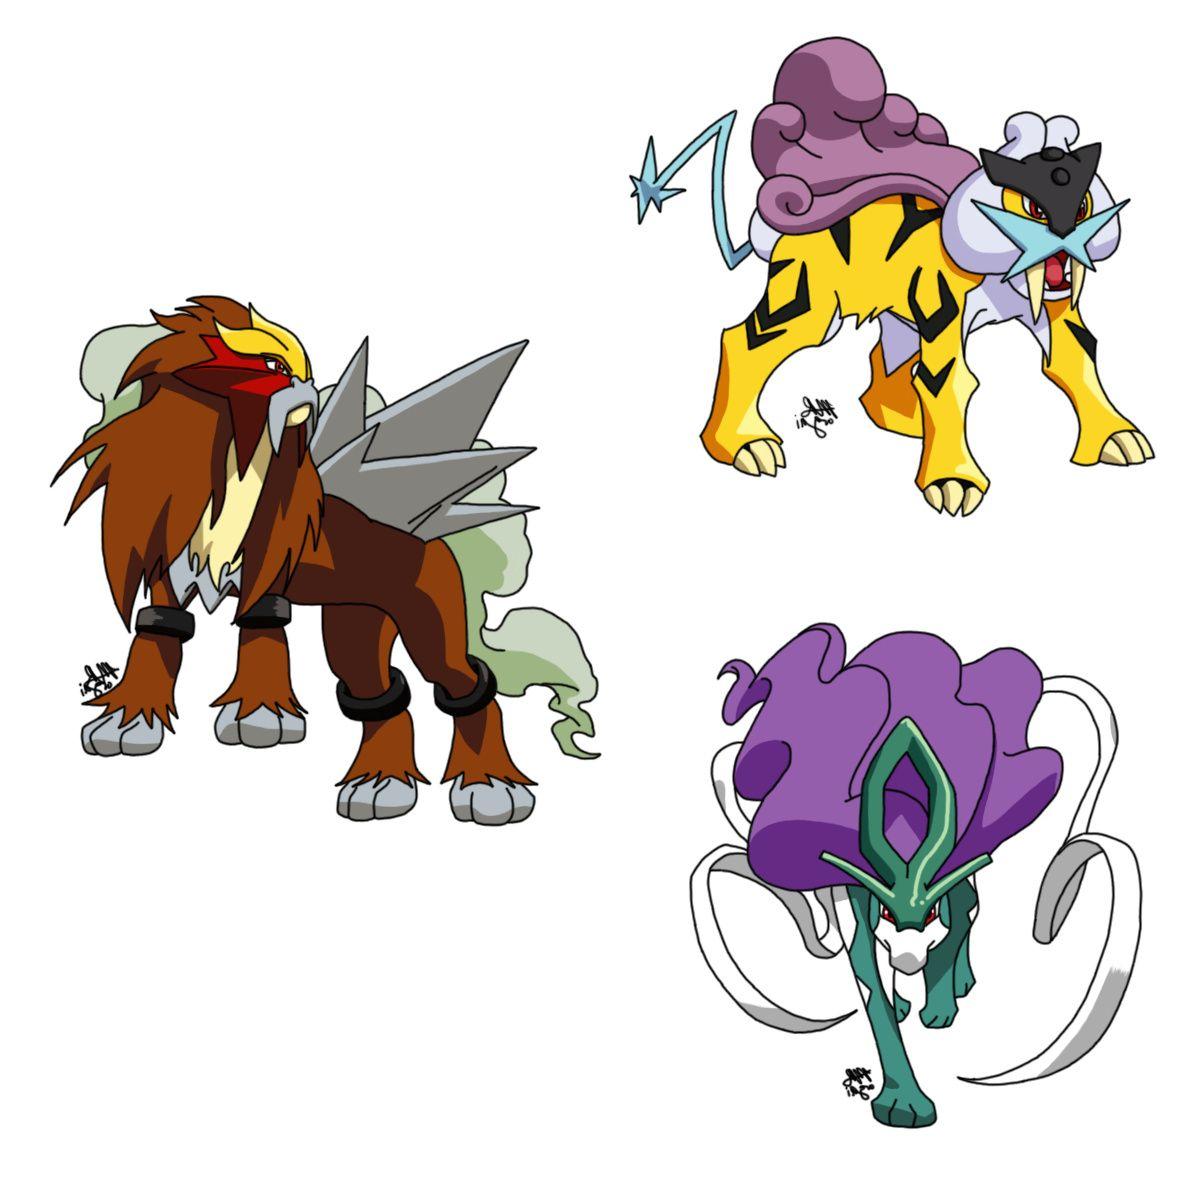 9 Mieux Coloriage Pokemon Legendaire Raikou Photograph Coloriage